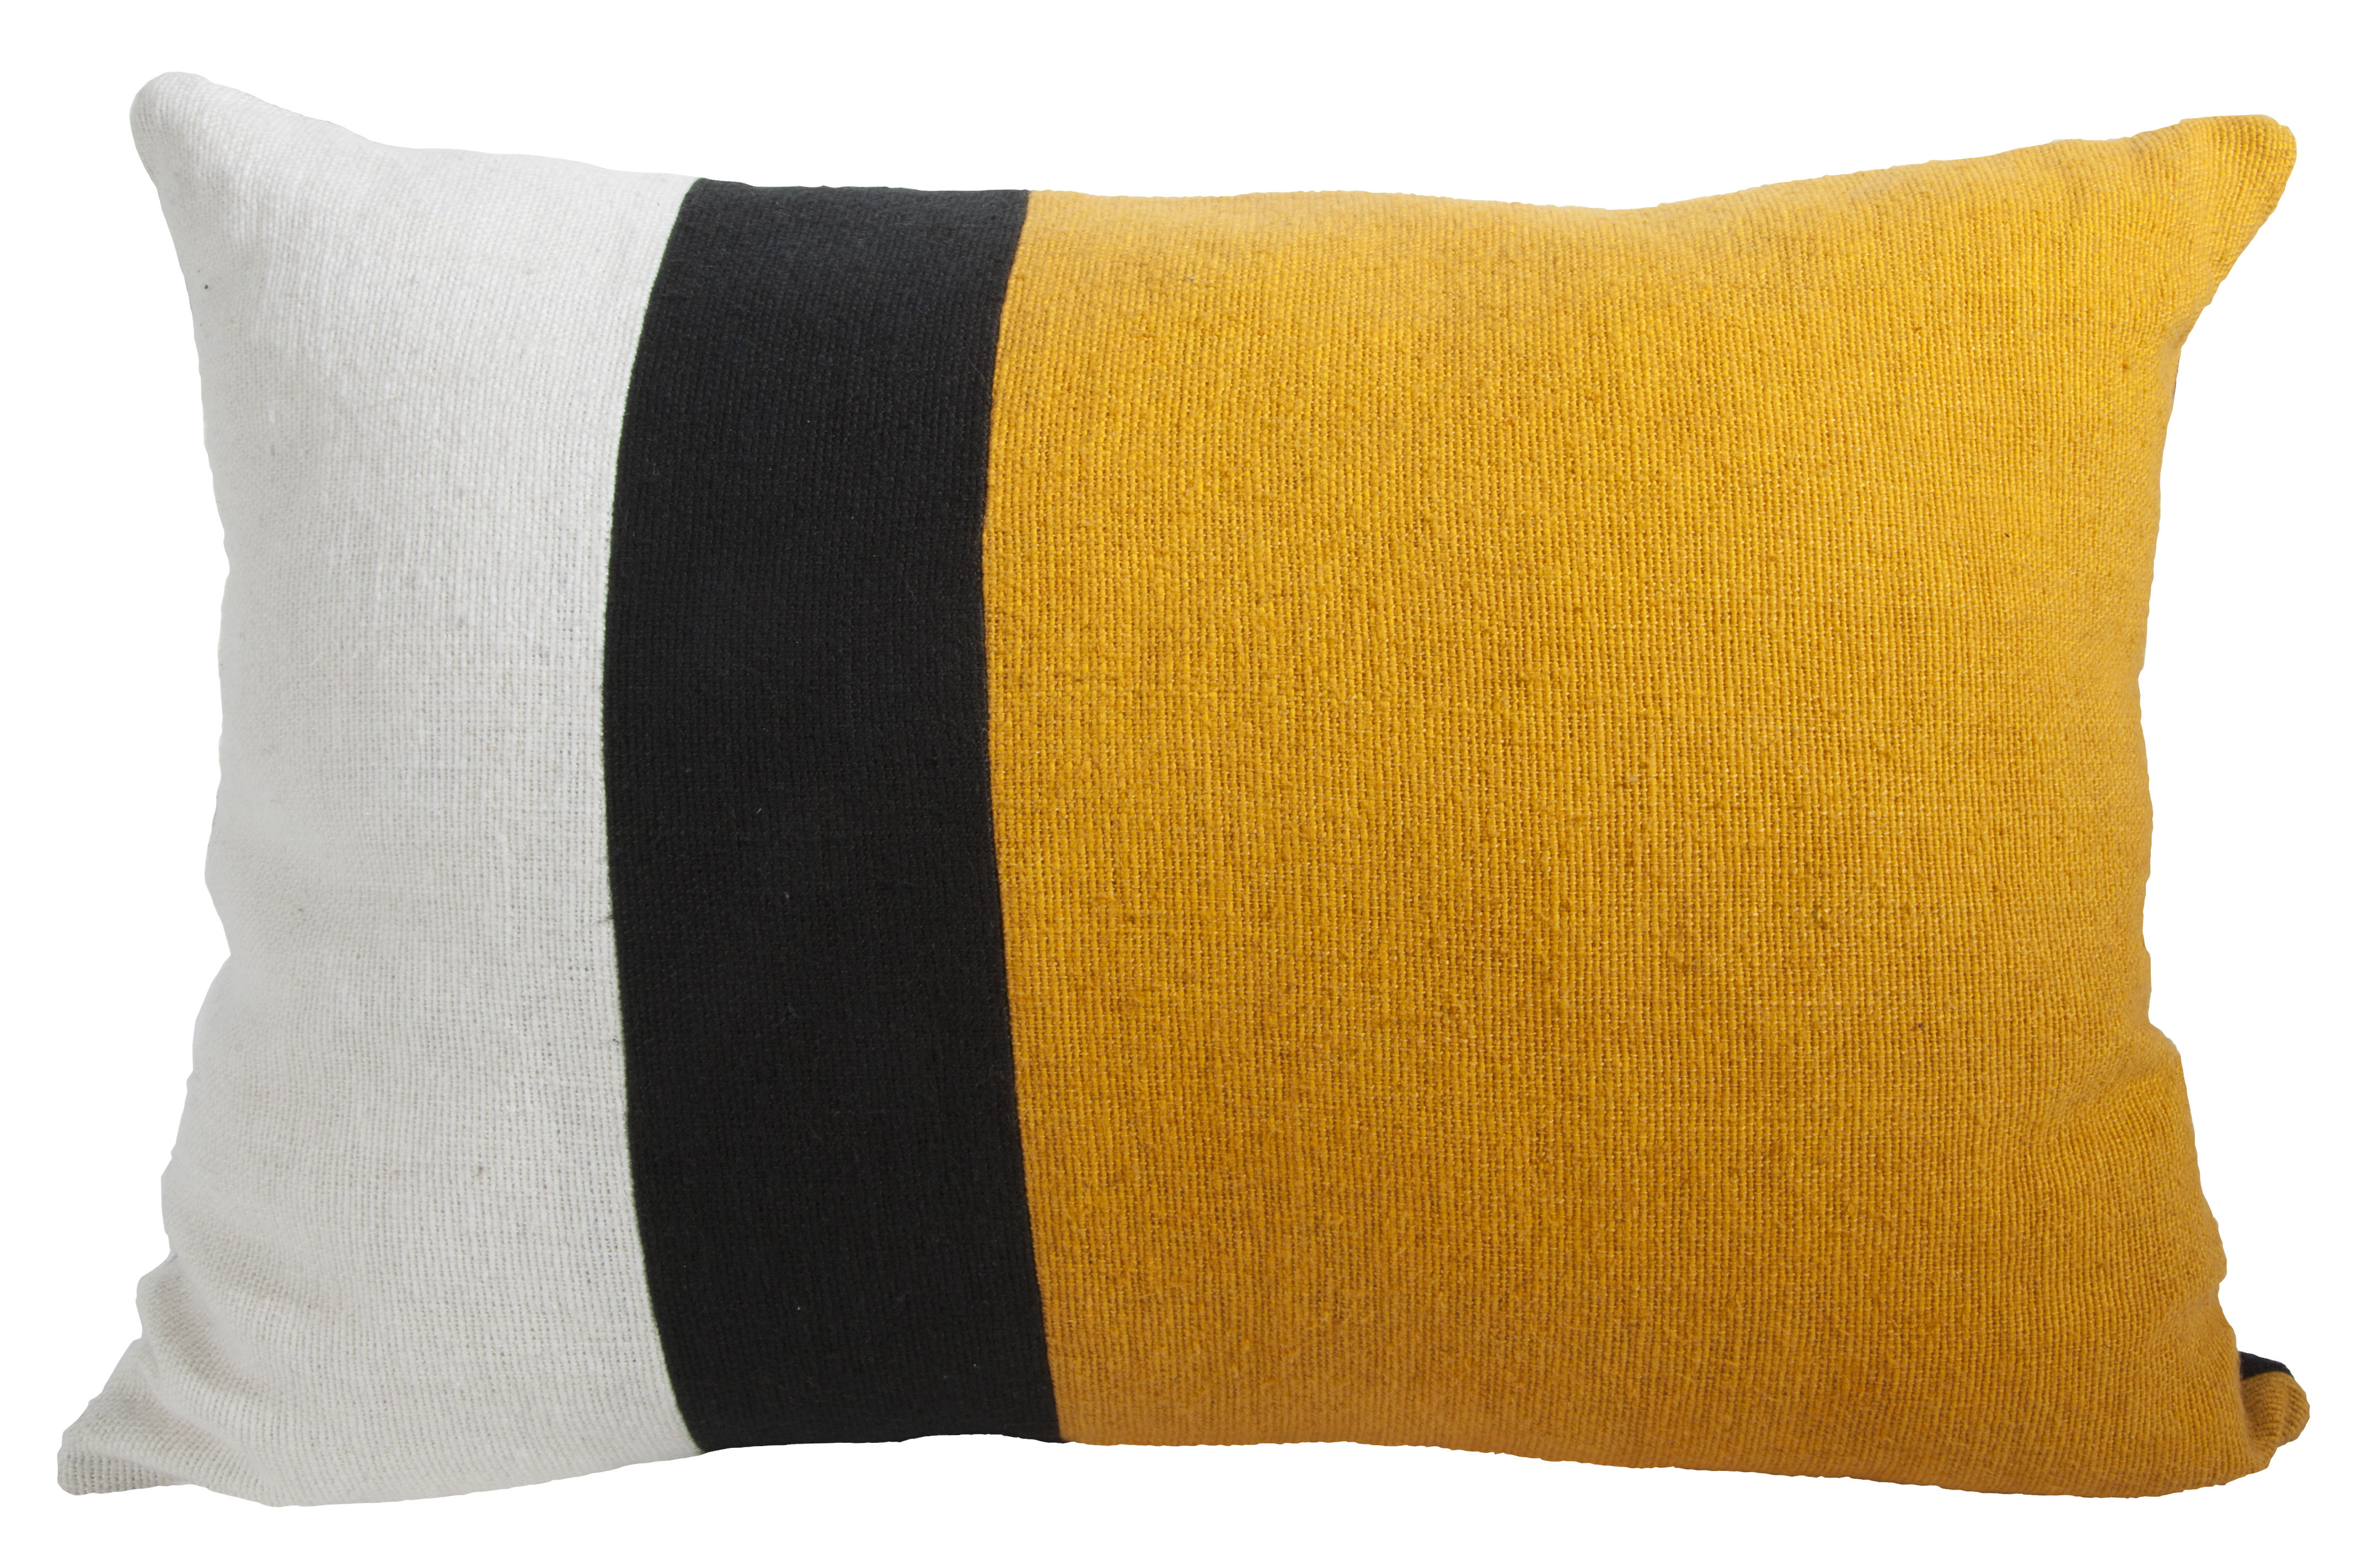 housse de coussin sicilia 40 x 55 cm jaune noir blanc maison sarah lavoine made in design. Black Bedroom Furniture Sets. Home Design Ideas